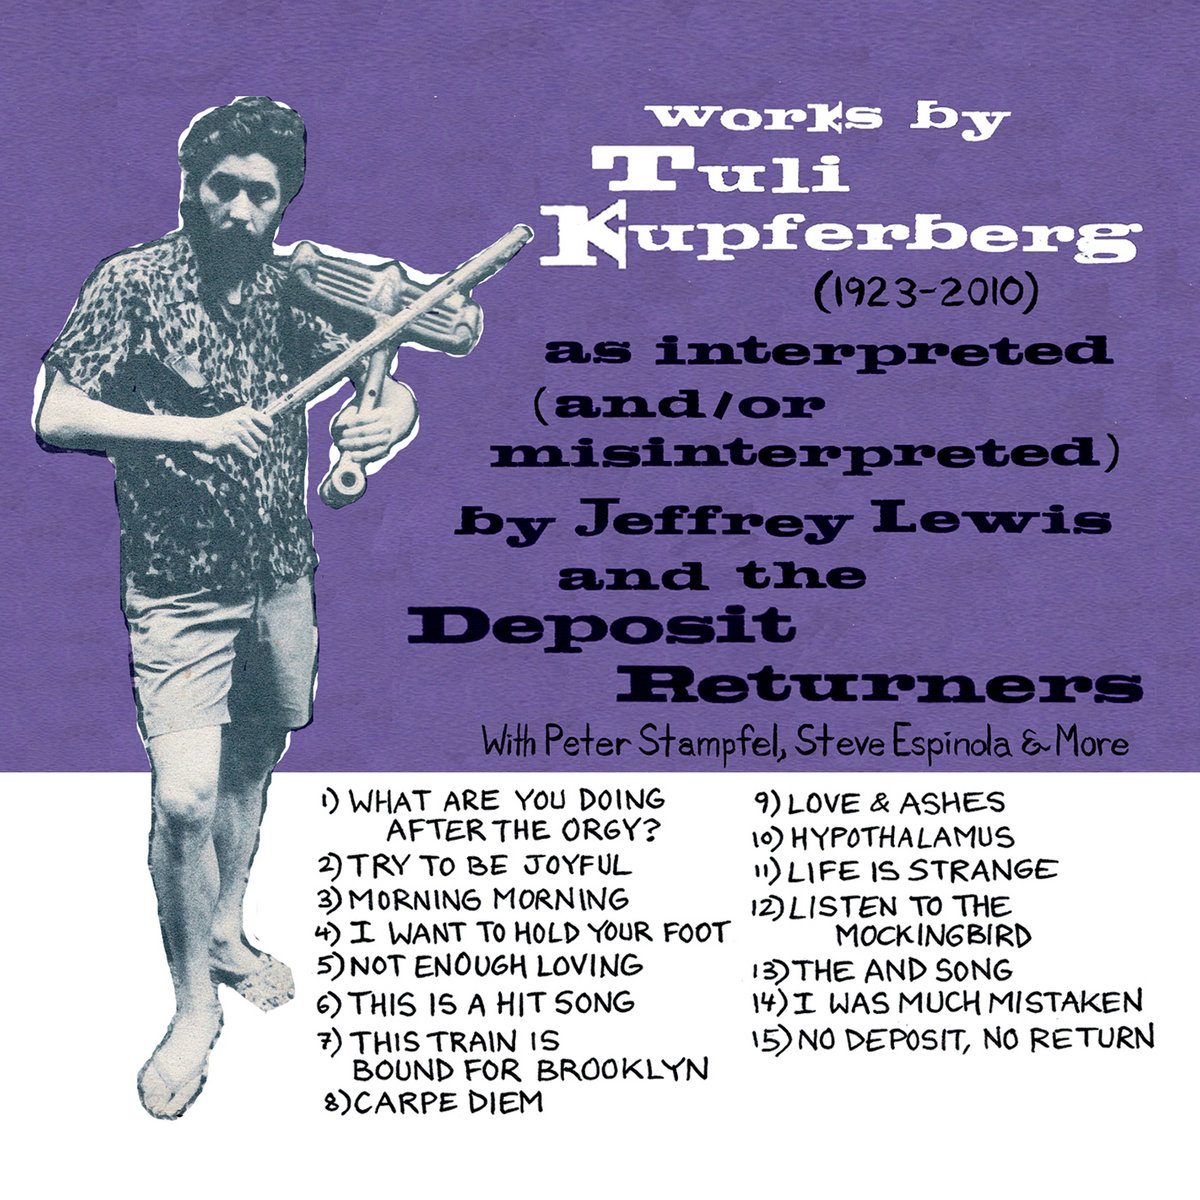 Tuli Kupferberg ed sanders